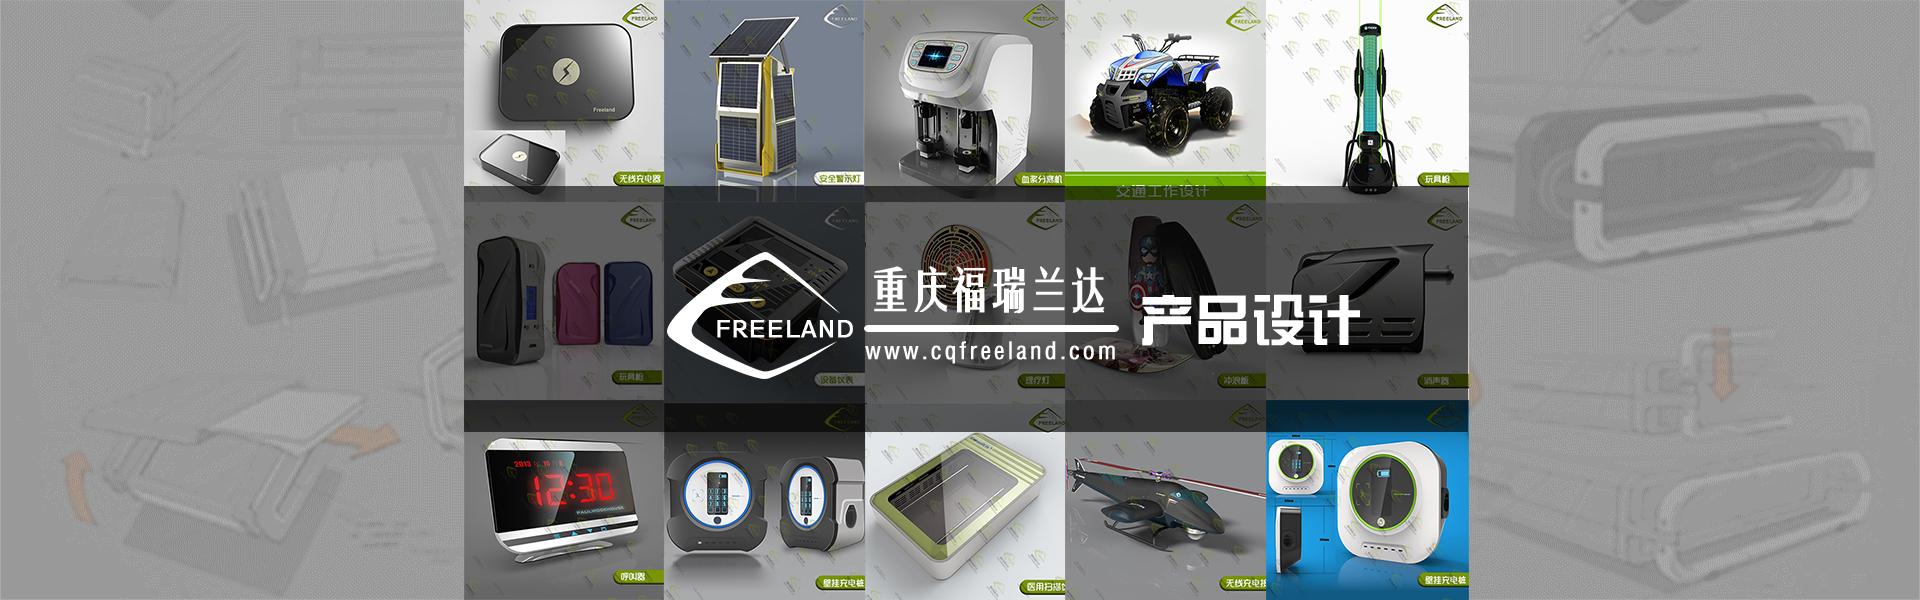 产品设计公司